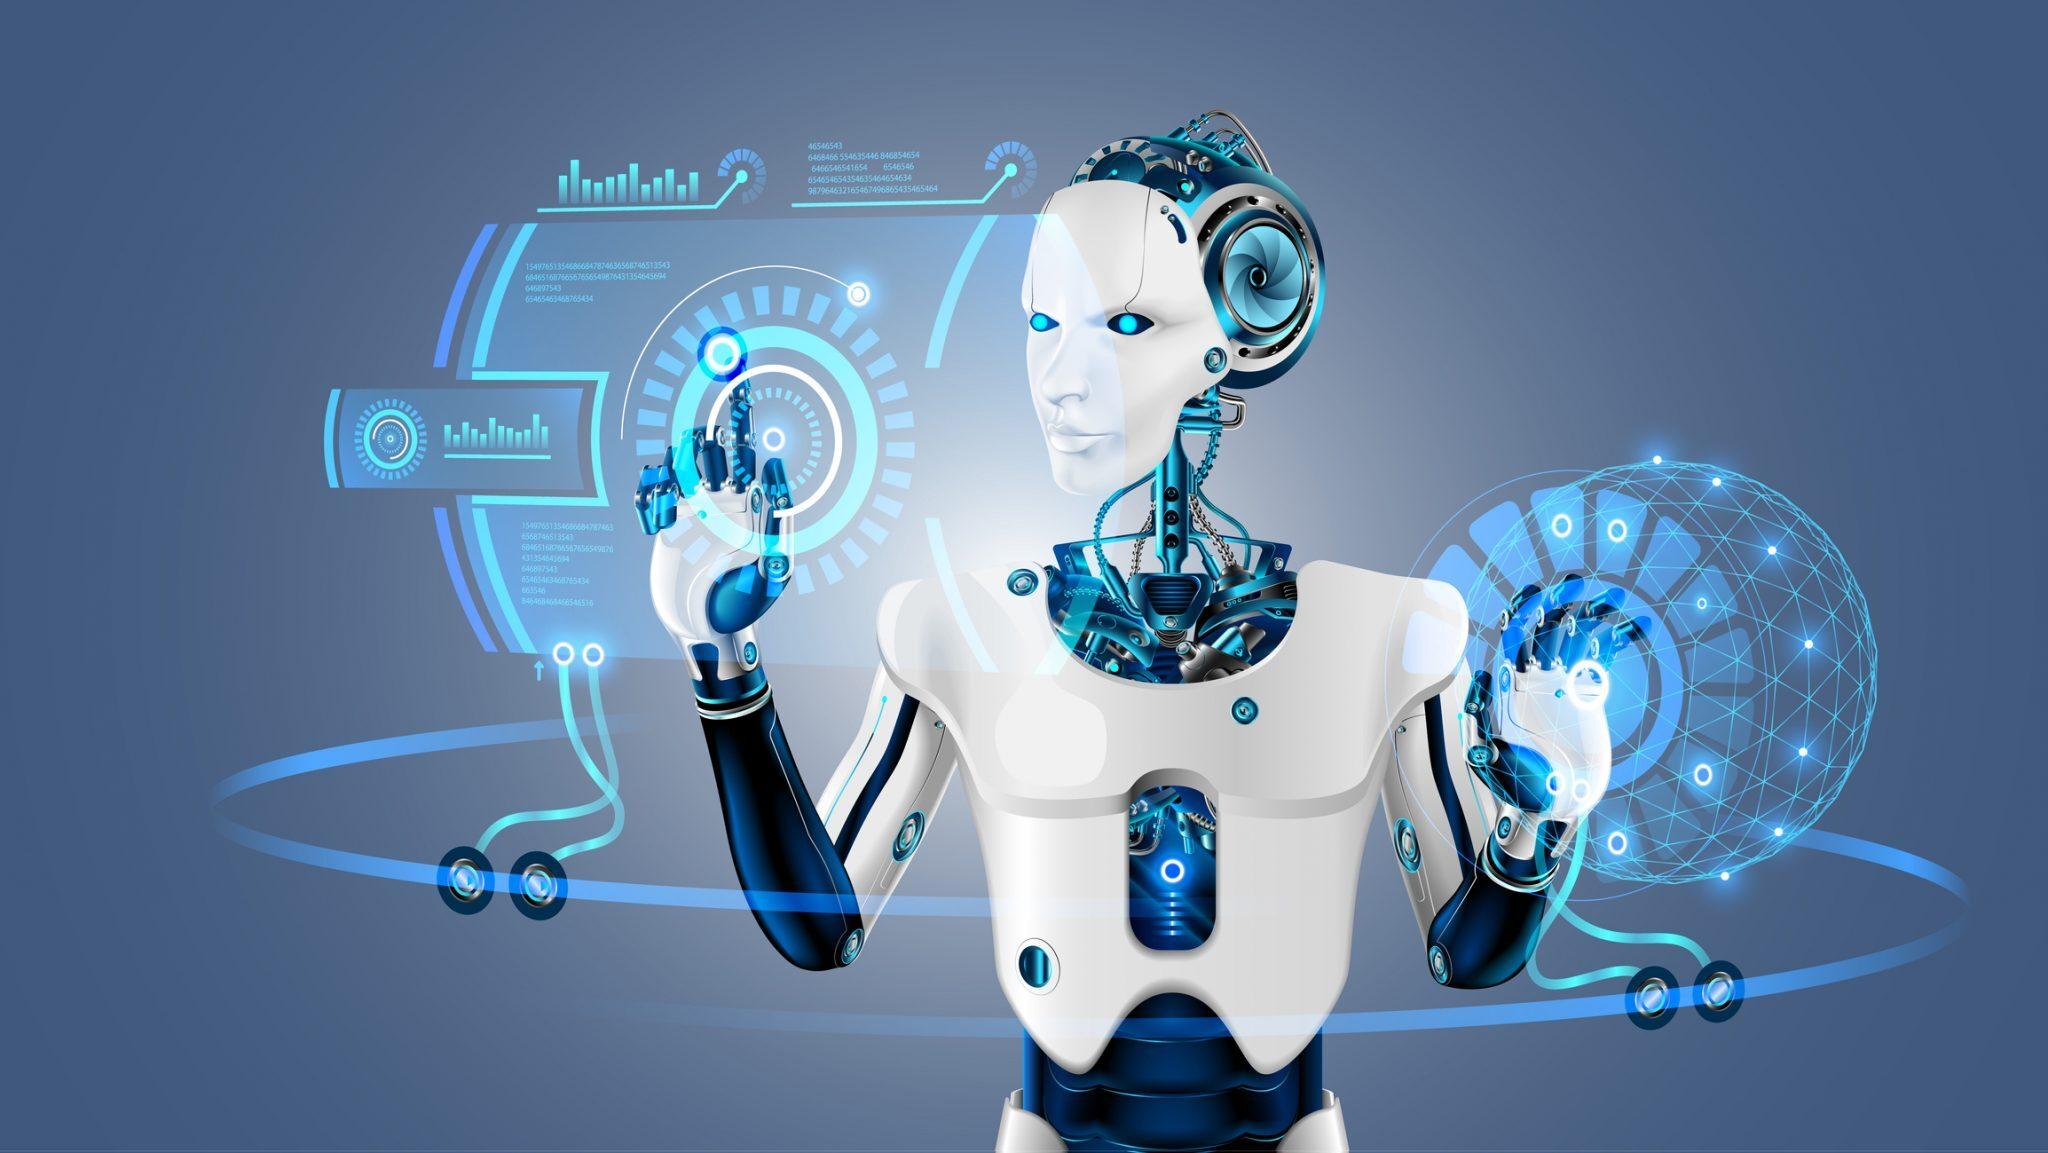 تاثیر هوش مصنوعی و رباتها در رشد مشاغل